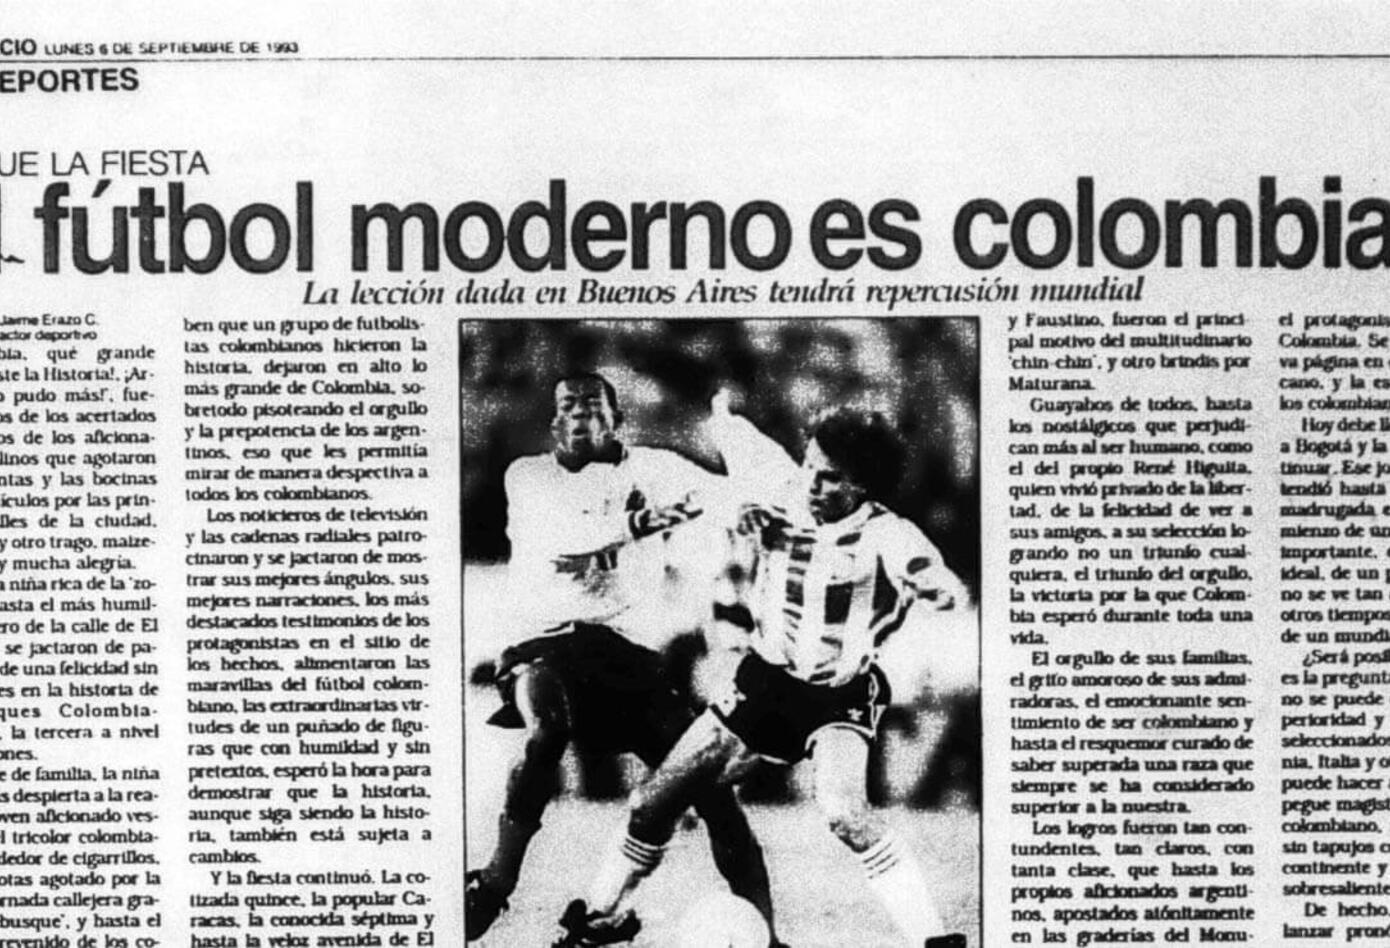 El diario El Espacio y las reacciones por el triunfo de Colombia ante Argentina 5-0